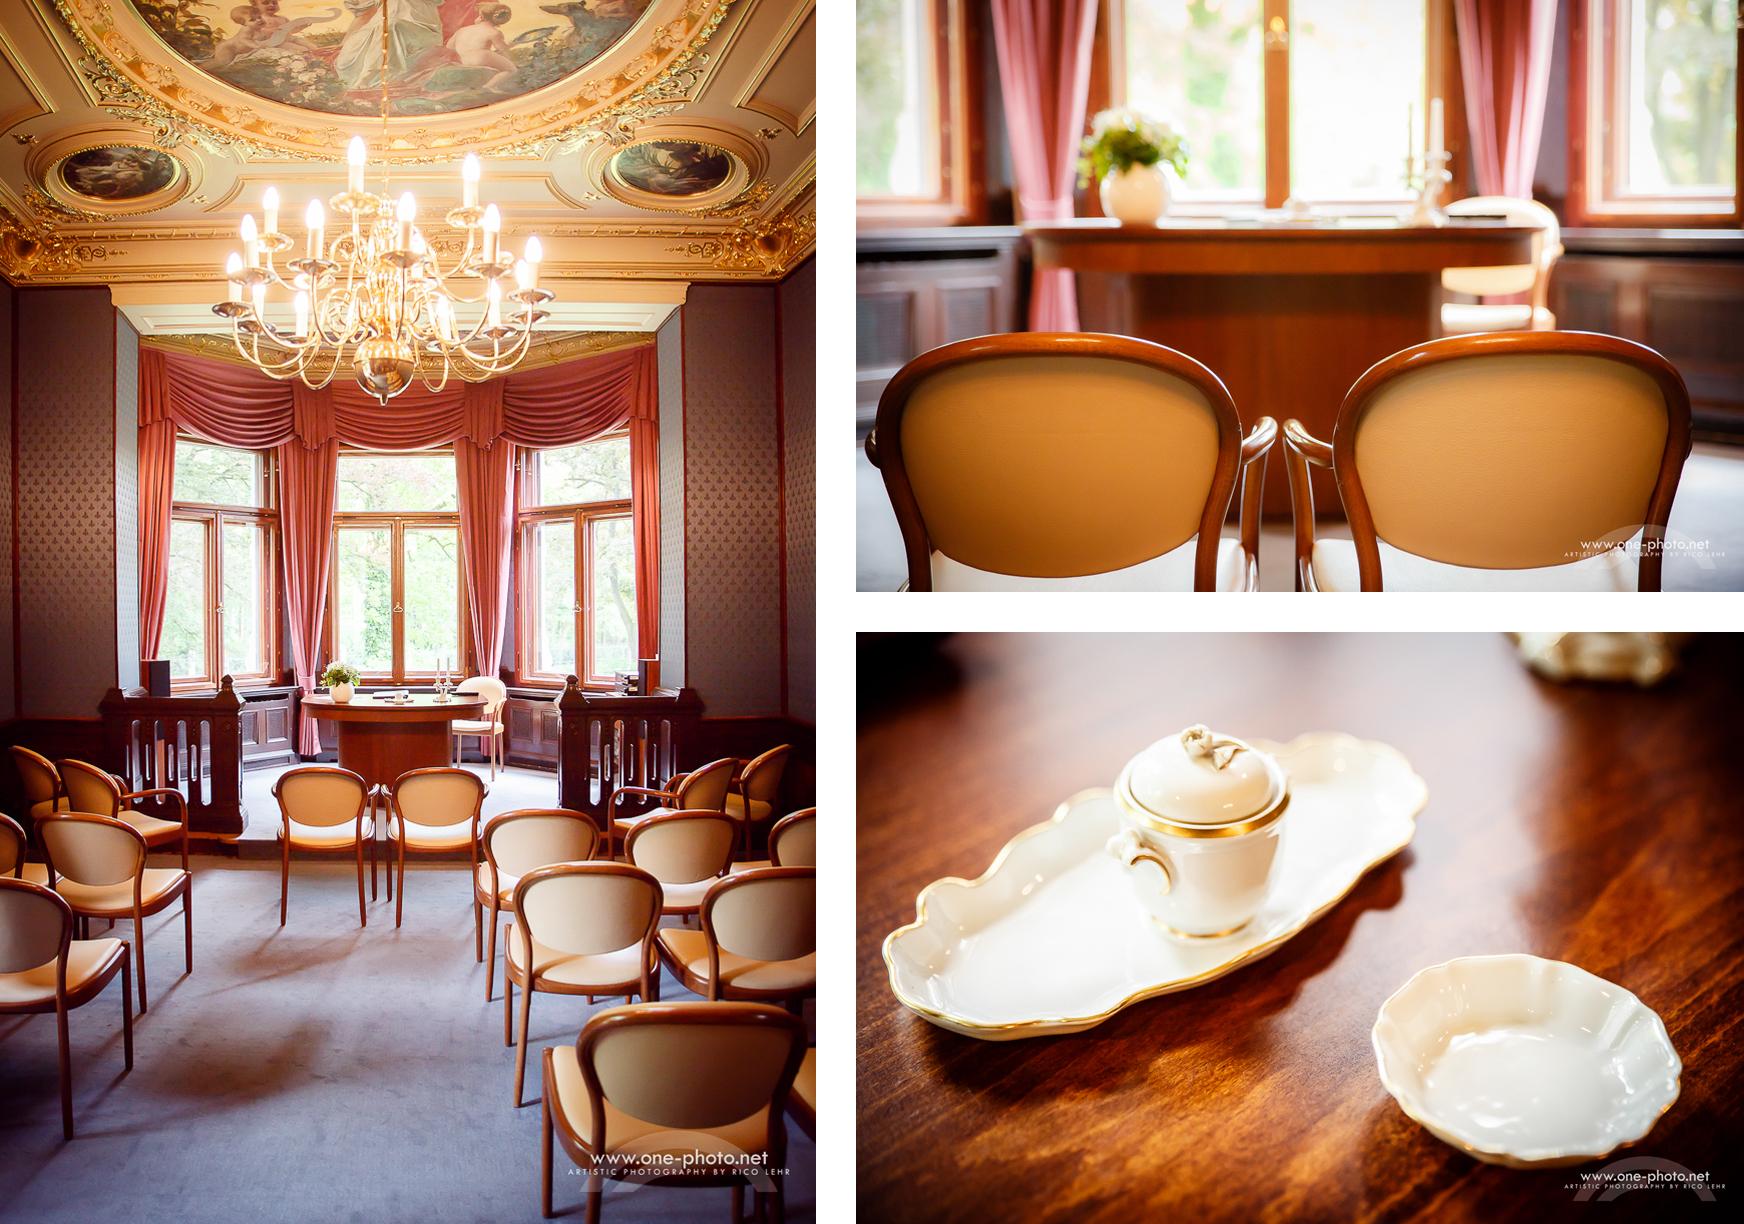 1-Hochzeit-Fotograf-Pirna-Dresden-Standesamt-Schillergarten-Rico-Lehr-one-photo-13-von-94-Rico Lehr-www.one-photo